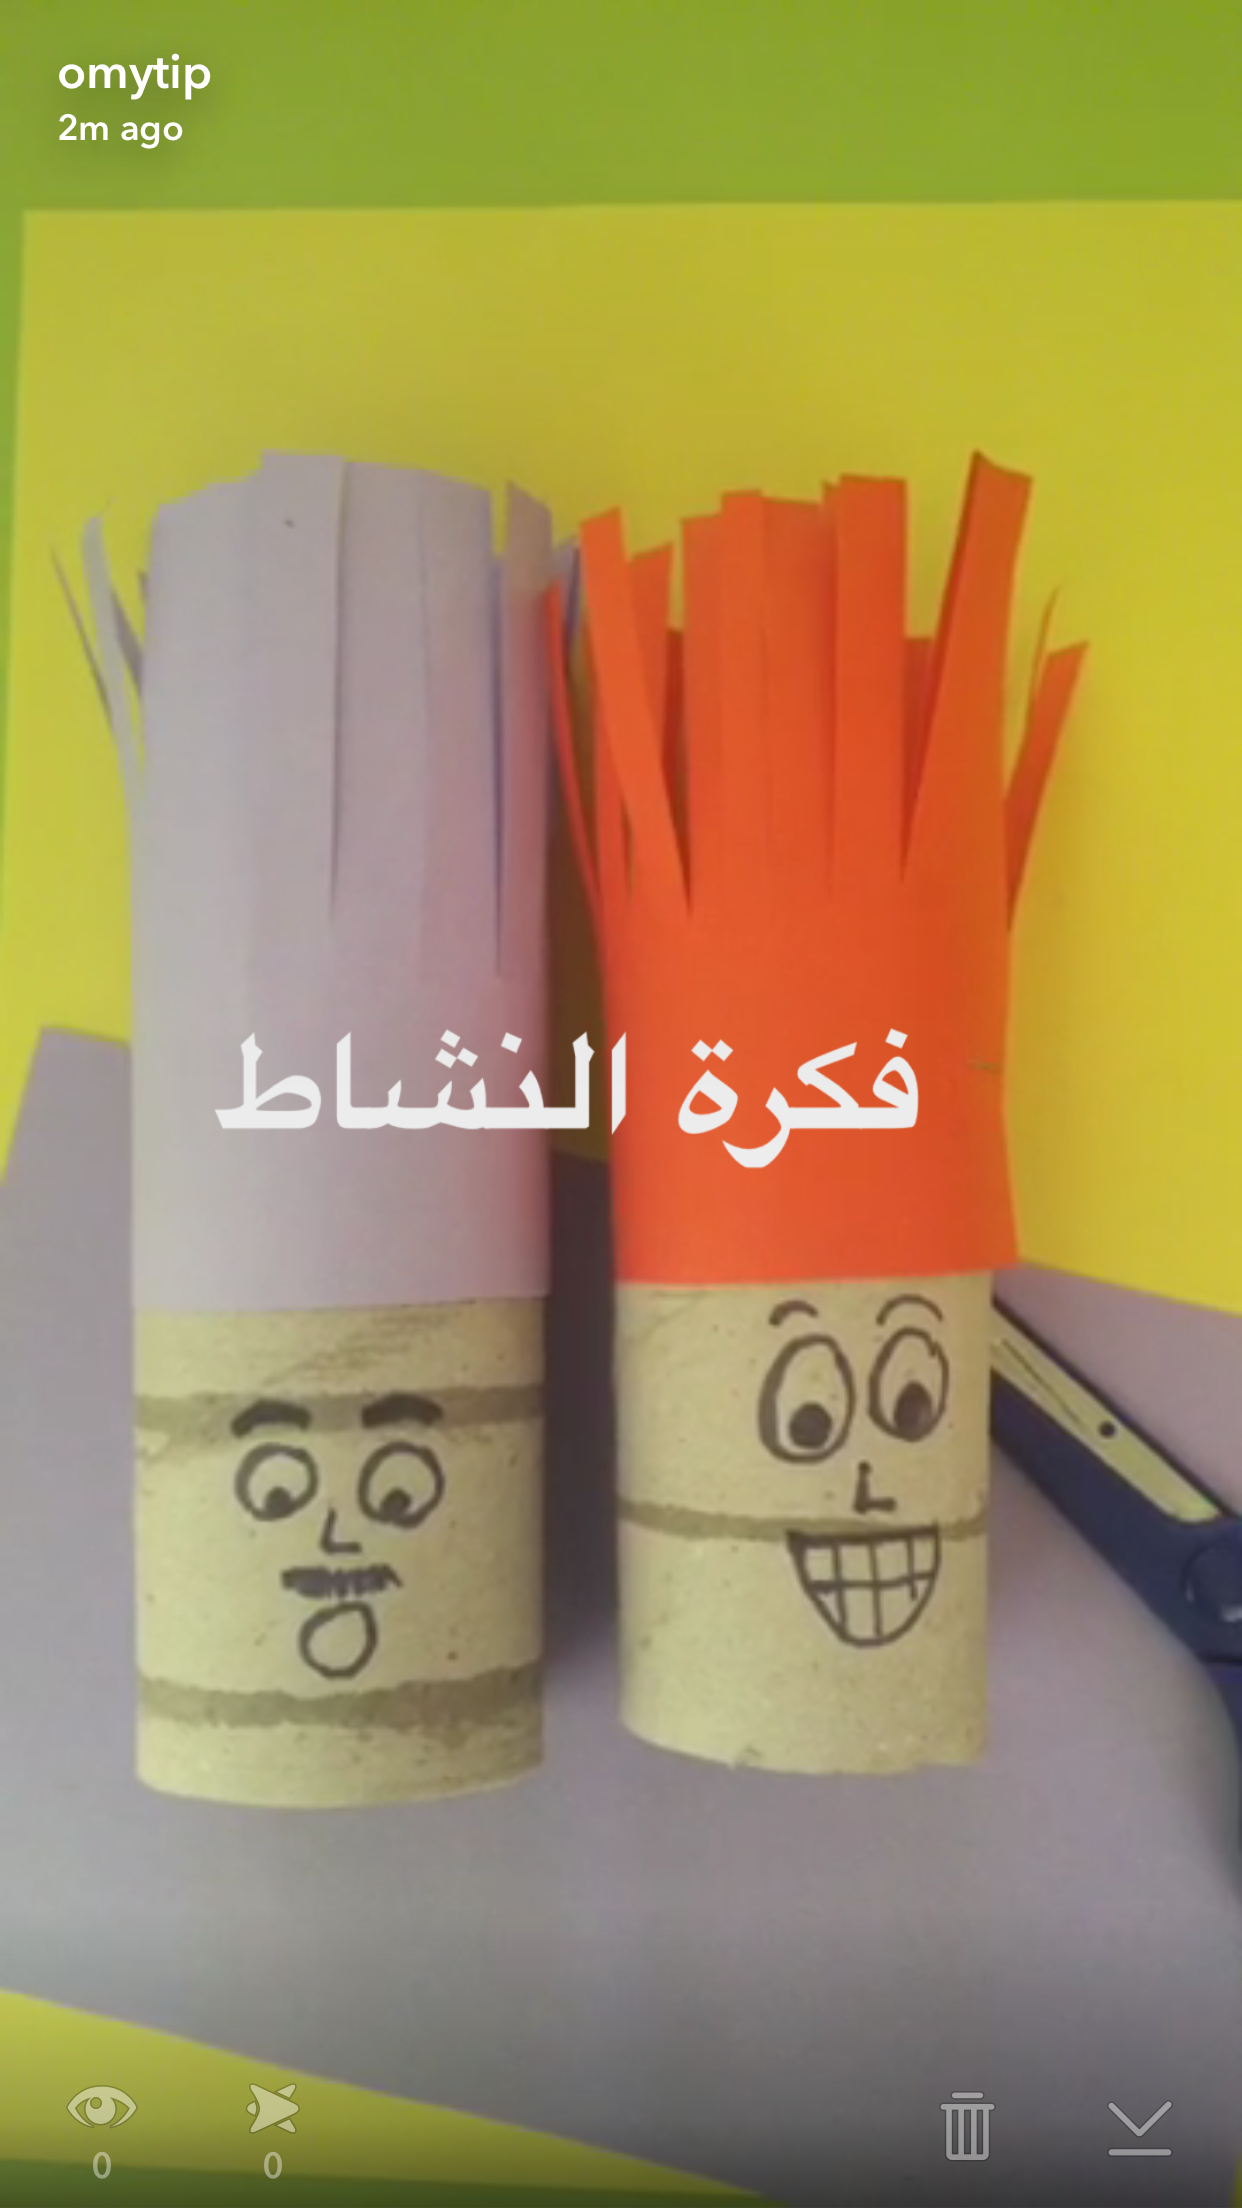 نشاط الحلاق سيستمتع الطفل بين عمر ٢ ٥ سنوات بمحاوله قصه شعر الورق للشخصيات التي ستصنعها له باستخدام رول كلينكس كر Activities For Kids Baby Games Activities